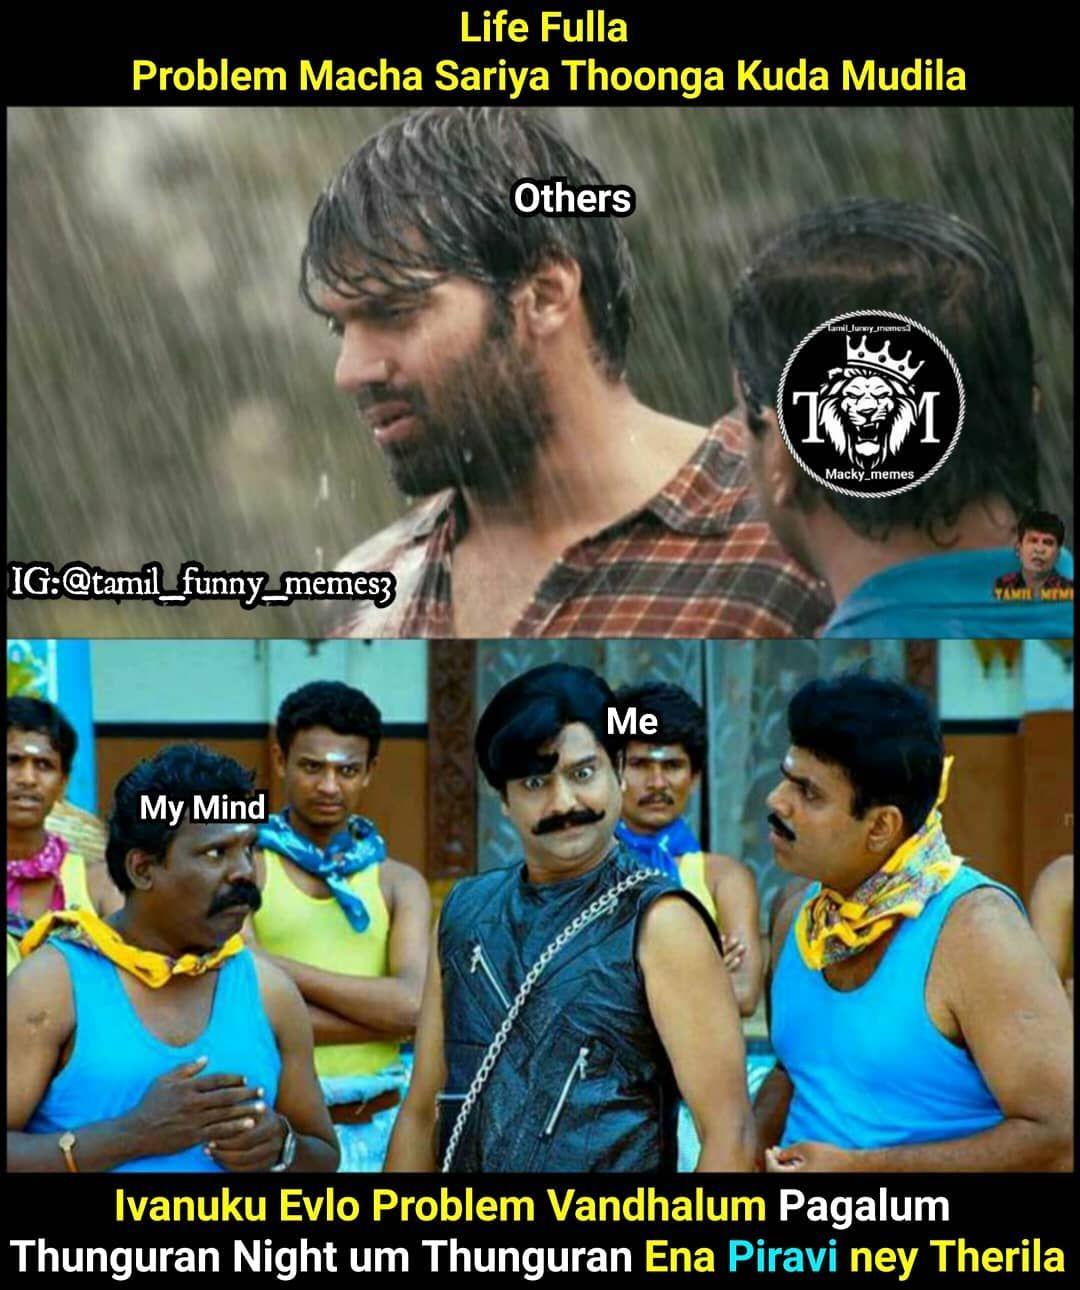 Now Tamil Funny Memes For Instagram Facebook Whatsapp Tarding Tamil Memes 2020 Tamil Funny Memes Funny Cartoon Memes Short Jokes Funny